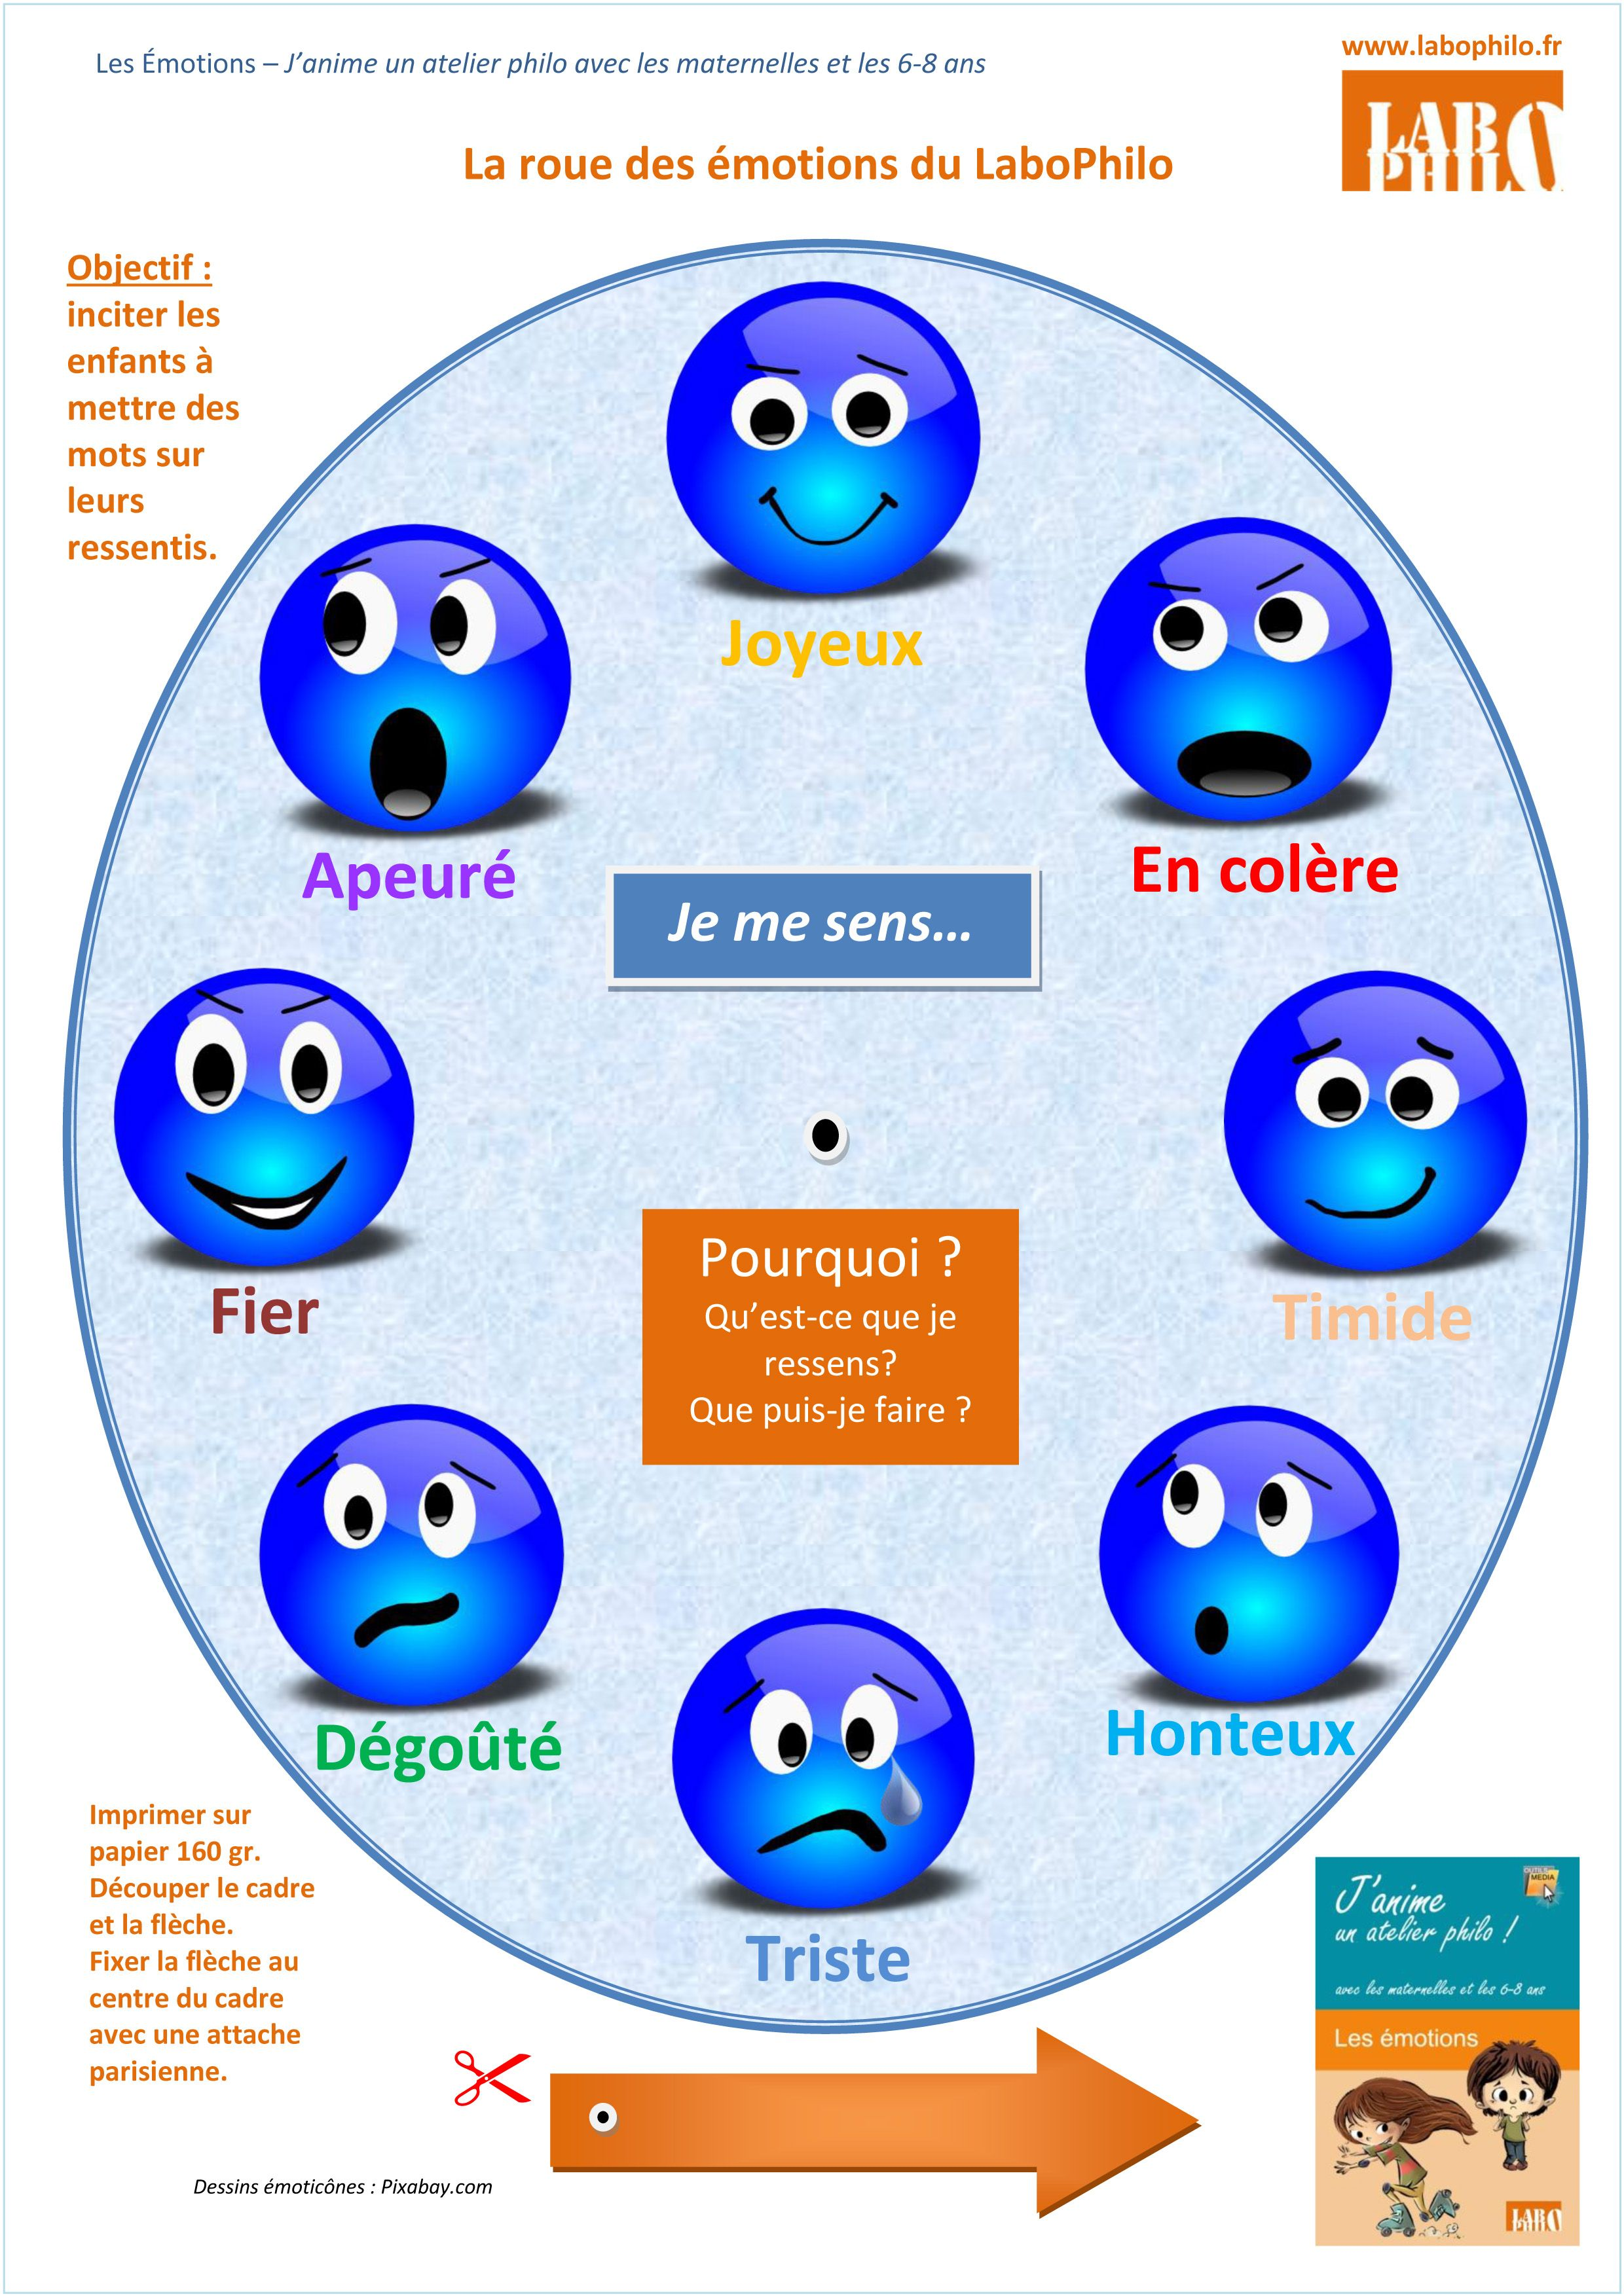 Roue Des Emotions En Telechargement Gratuit Roue Des Emotions Emotions Les Emotions